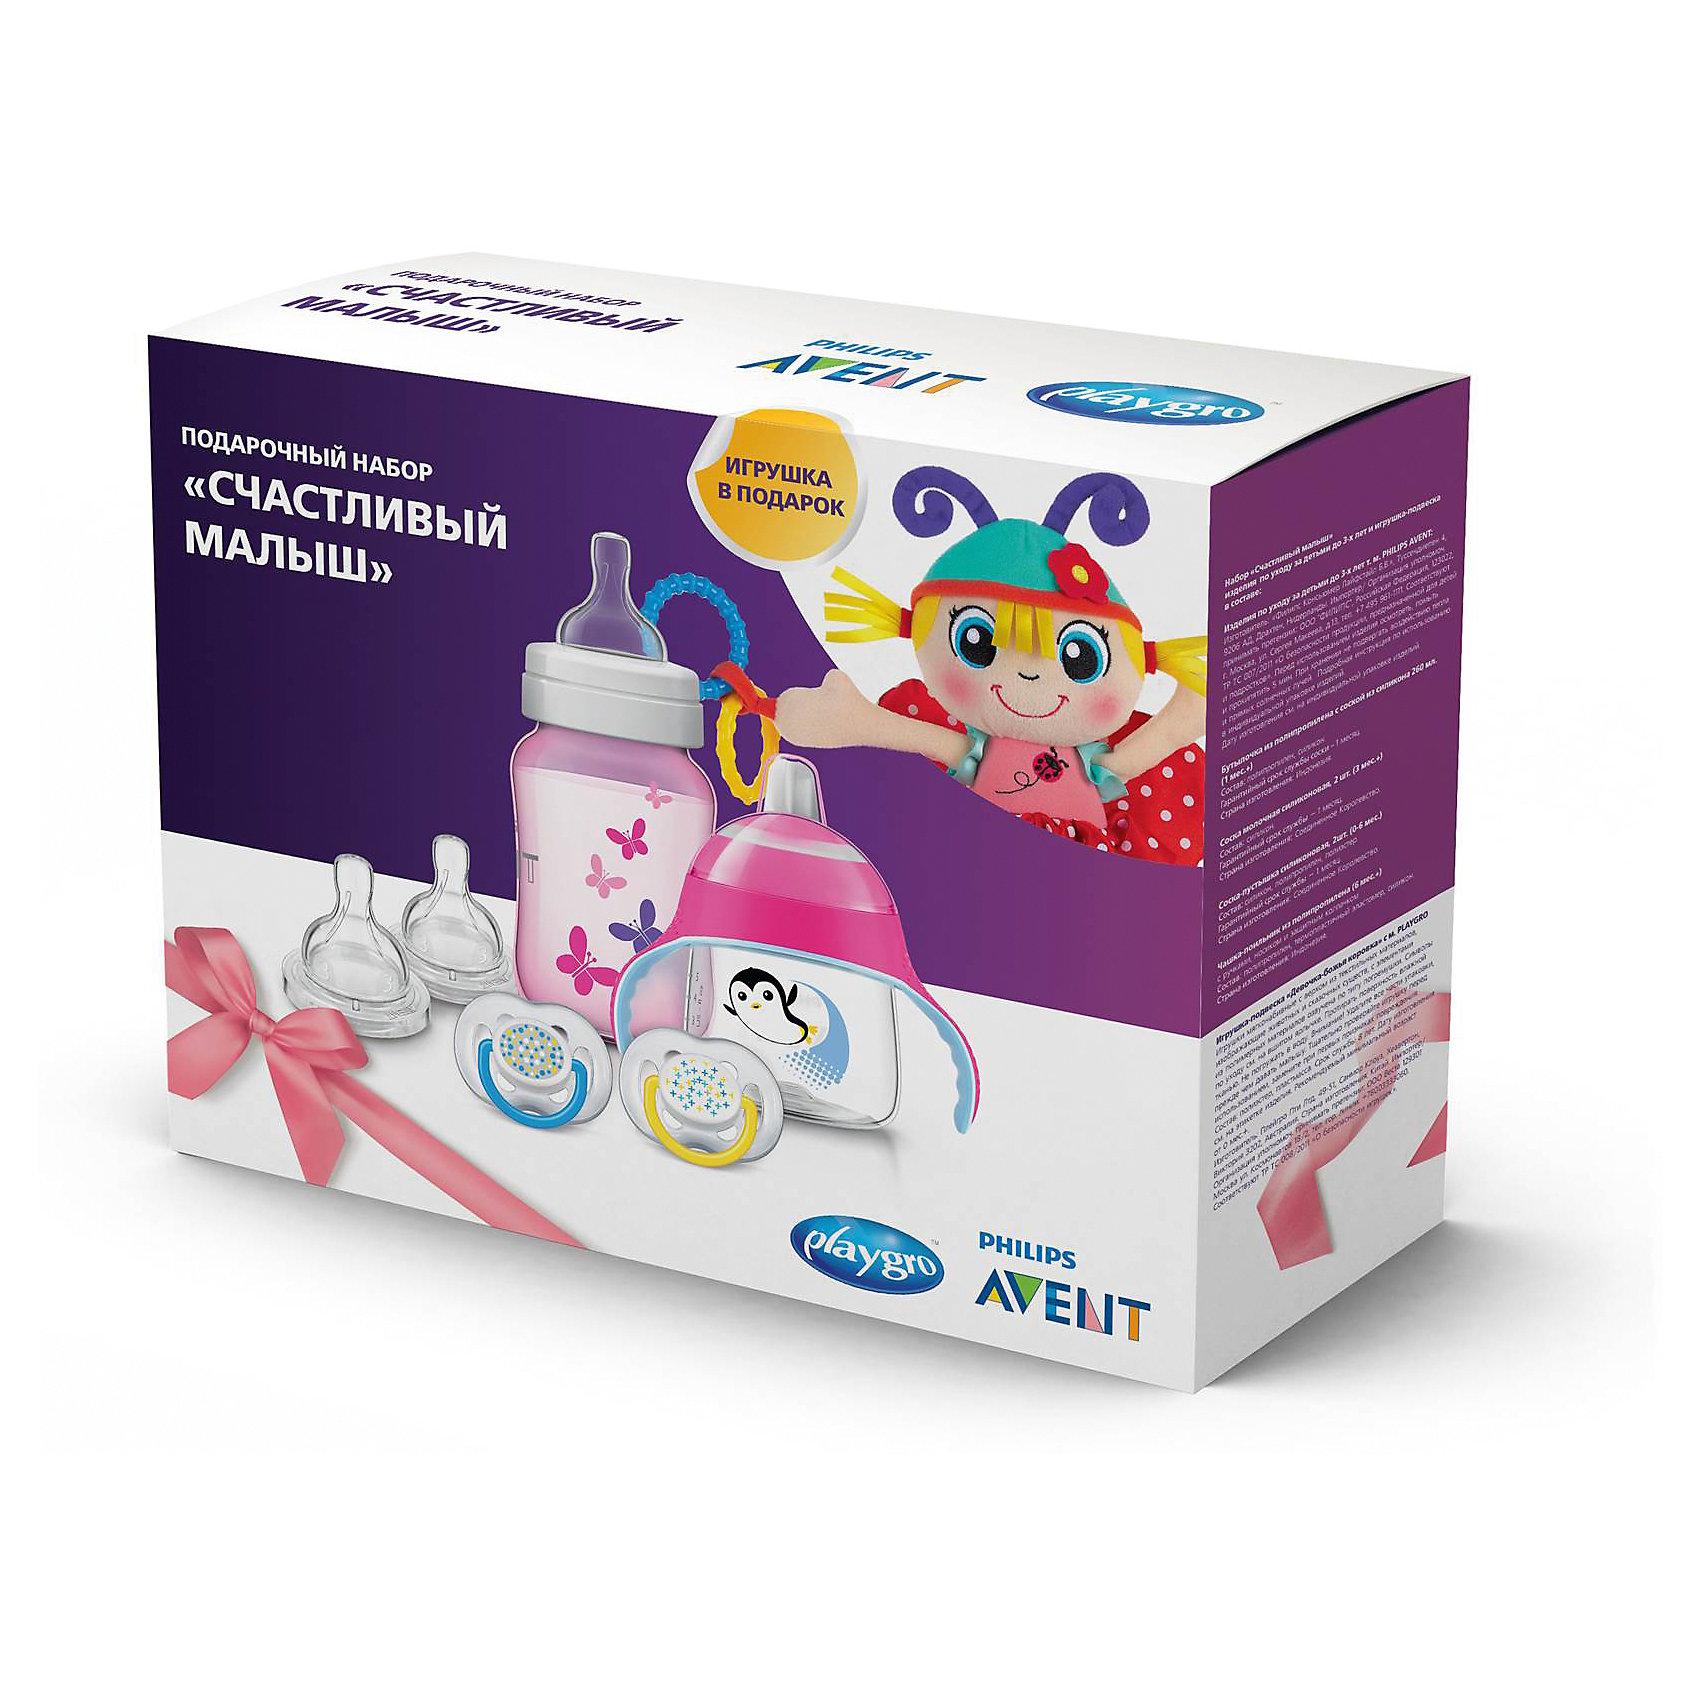 Набор «Счастливый малыш» для девочек,  Philips Avent, розовыйПоильники<br>Набор «Счастливый малыш» для девочек, Philips Avent (Филипс Авент), розовый<br><br>Характеристики:<br><br>• в комплекте: бутылочка Classic+ (от 1 месяца), 2 силиконовые соски Classic+ (от 3х месяцев), 2 силиконовые пустышки (от 0 до 6 месяцев), поильник Пингвин (от 6 месяцев), подвесная игрушка Божья коровка<br>• объем бутылочки: 260 мл<br>• объем поильника: 200 мл<br>• антиколиковая соска<br>• специальная форма пустышки удобна в любом положении<br>• вентиляционные отверстия по краям соски<br>• поильник оснащен клапаном, предотвращающим проливание жидкости<br>• нескользящие ручки<br>• размер упаковки: 24х9,2х30 см<br>• вес: 610 грамм<br><br>Набор Счастливый малыш позаботится о комфорте ребенка, действительно делая кроху счастливым. В набор входят 2 силиконовые соски, 2 силиконовые пустышки, бутылочка, поильник и игрушка. Бутылочка из серии Classic+ подходит для детей от одного месяца. Она имеет антиколиковую соску, которая предотвращает заглатывание лишнего воздуха и беспокойство из-за коликов. <br><br>Силиконовые соски из серии Classic+ предназначены для детей от 3-х месяцев. Соски помогут малышу самостоятельно контролировать поток молока. Специальный клапан предотвращает заглатывание воздуха, срыгивание и колики.<br><br>Соски-пустышки подойдут для детей с 0 до 6 месяцев. Специальное строение пустышки поможет ребенку чувствовать себя комфортно даже при перевороте соски во рту. Боковые вентиляционные отверстия снижают риск возникновения раздражения на чувствительной коже.<br><br>С помощью поильника вы сможете с легкостью приучить ребенка к использованию чашки. Клапан поильника предотвращает протекание жидкости. А нескользящие ручки помогут малышу быстро приспособиться к новой посуде.<br><br>Забавная Божья Коровка станет лучшим другом малыша в первые месяцы жизни. Она издает очень приятные звуки, а также способствует развитию мелкой моторики, зрительных и тактильных ощущений.<br><br>Набор «Счас